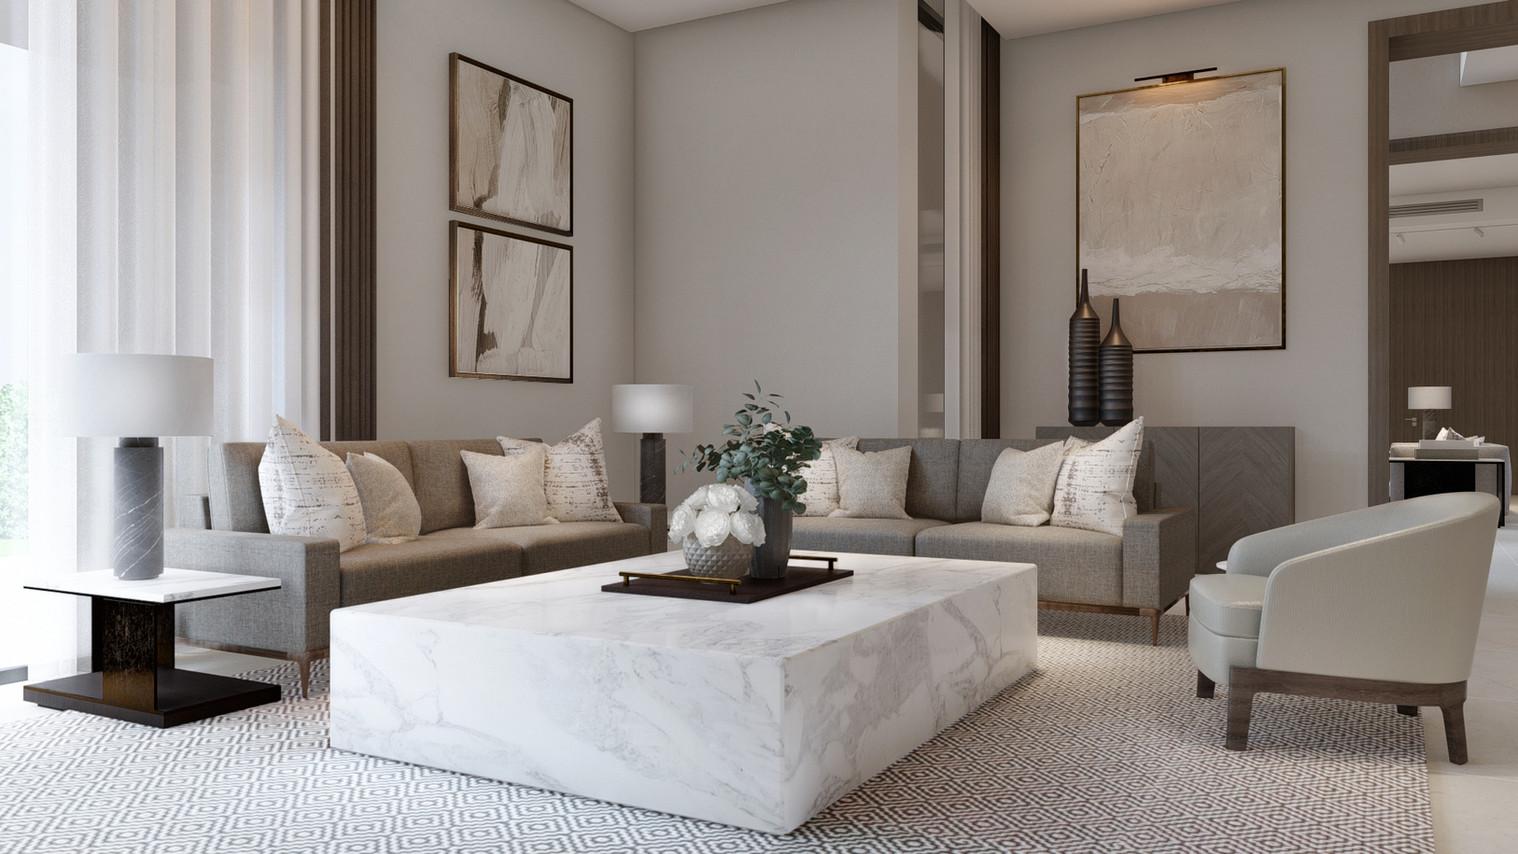 Arkhagha Residence - Living Room 001.jpg